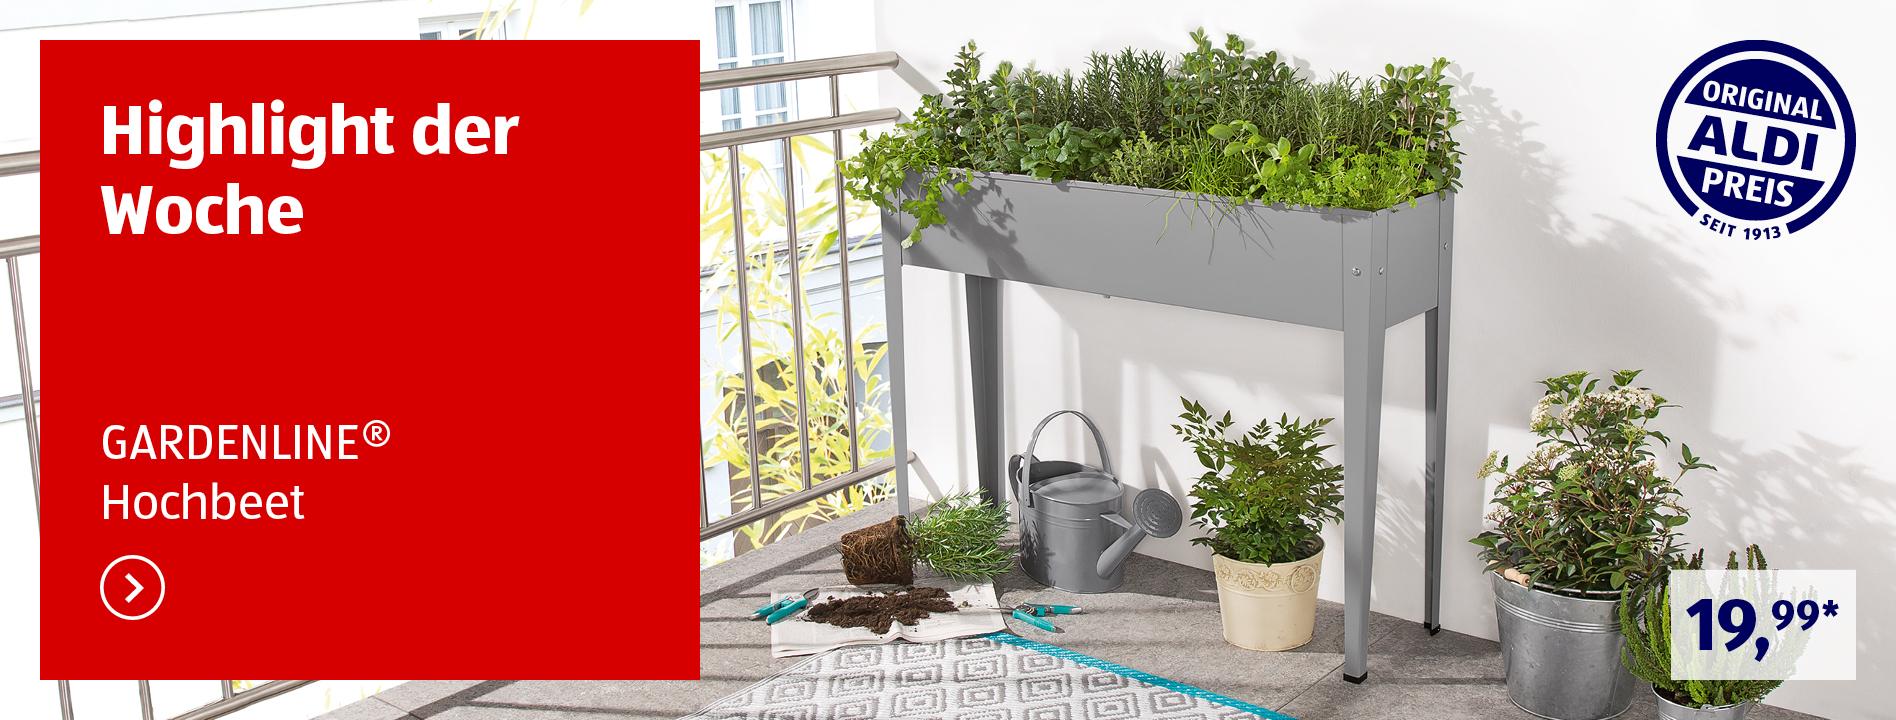 Full Size of Sichtschutzfolie Für Fenster Sichtschutz Im Garten Einseitig Durchsichtig Relaxsessel Aldi Sichtschutzfolien Wpc Holz Wohnzimmer Sichtschutz Aldi